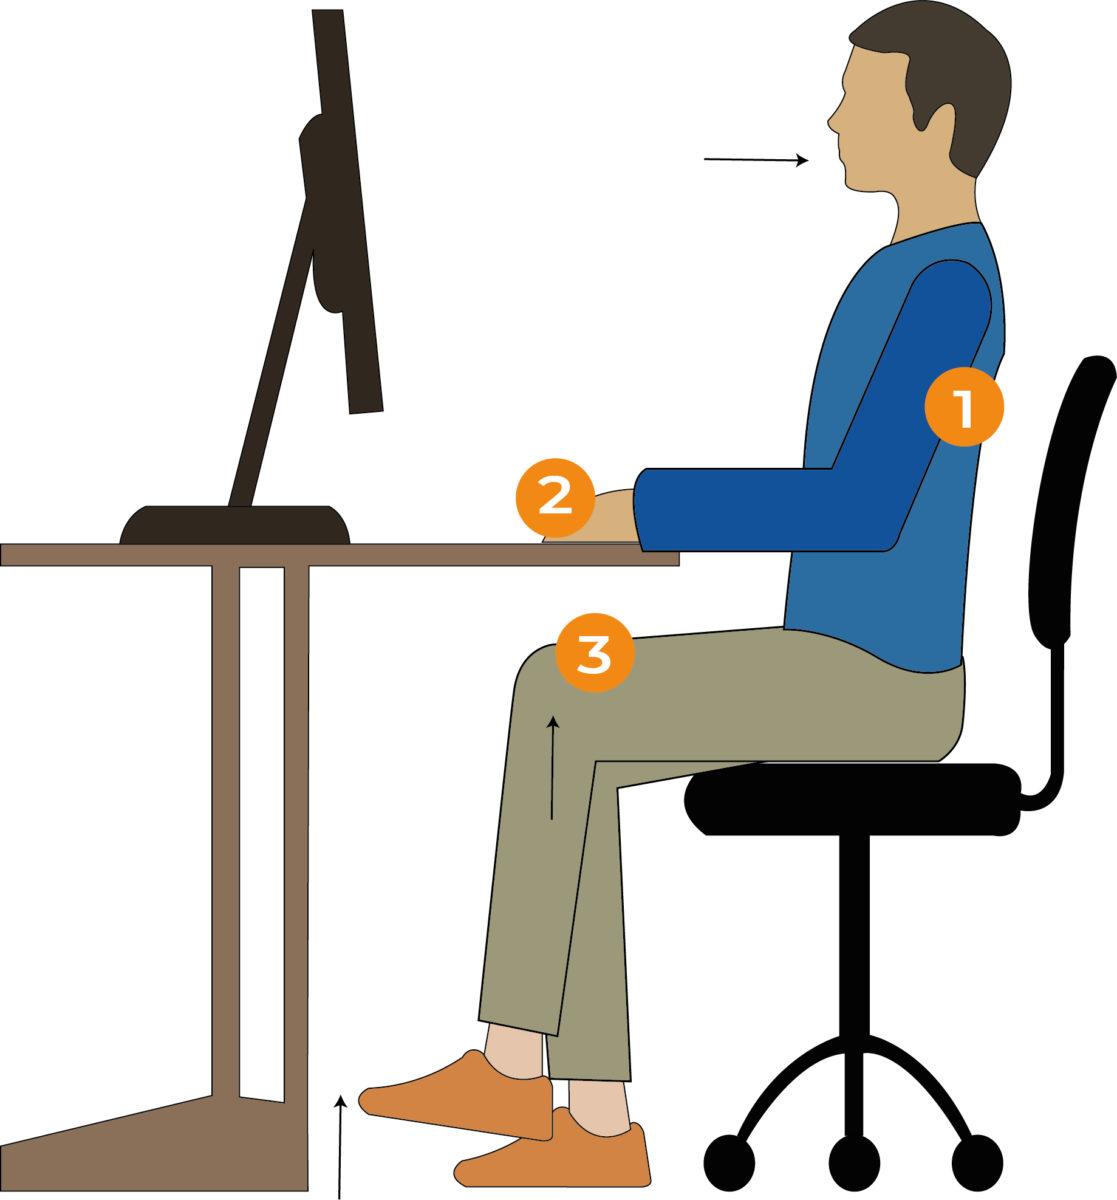 assis à son bureau ou sur une chaise, vous pouvez gainer votre sangle abdominale et tonifier votre dos.